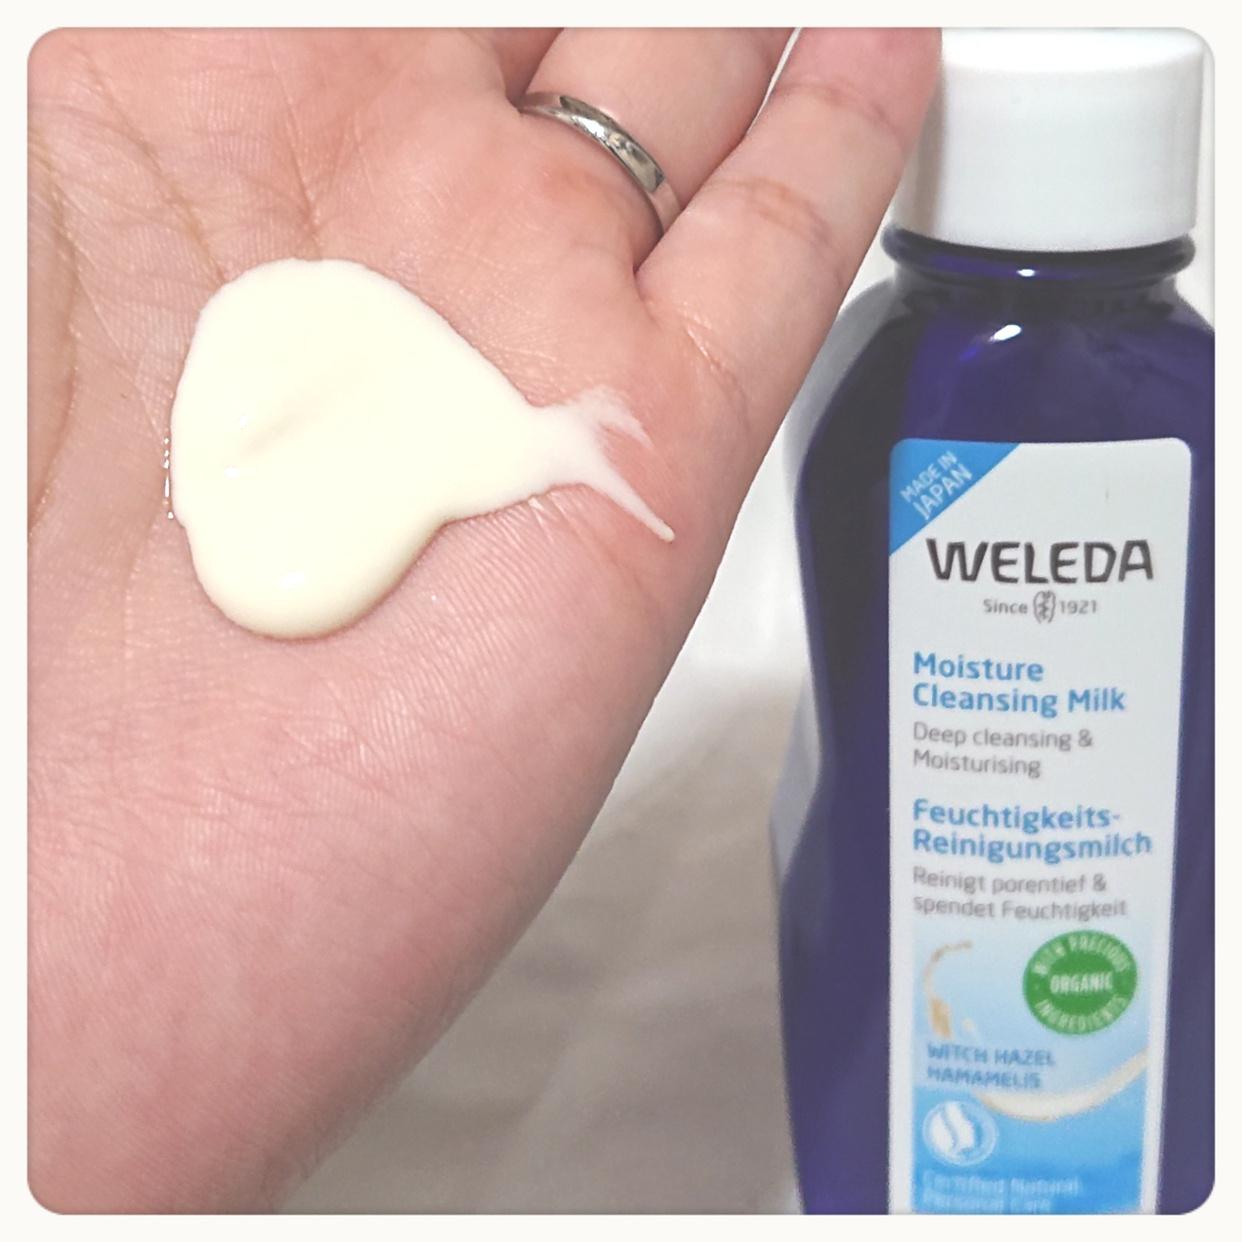 WELEDA(ヴェレダ) モイスチャー クレンジングミルクの良い点・メリットに関するnakoさんの口コミ画像2